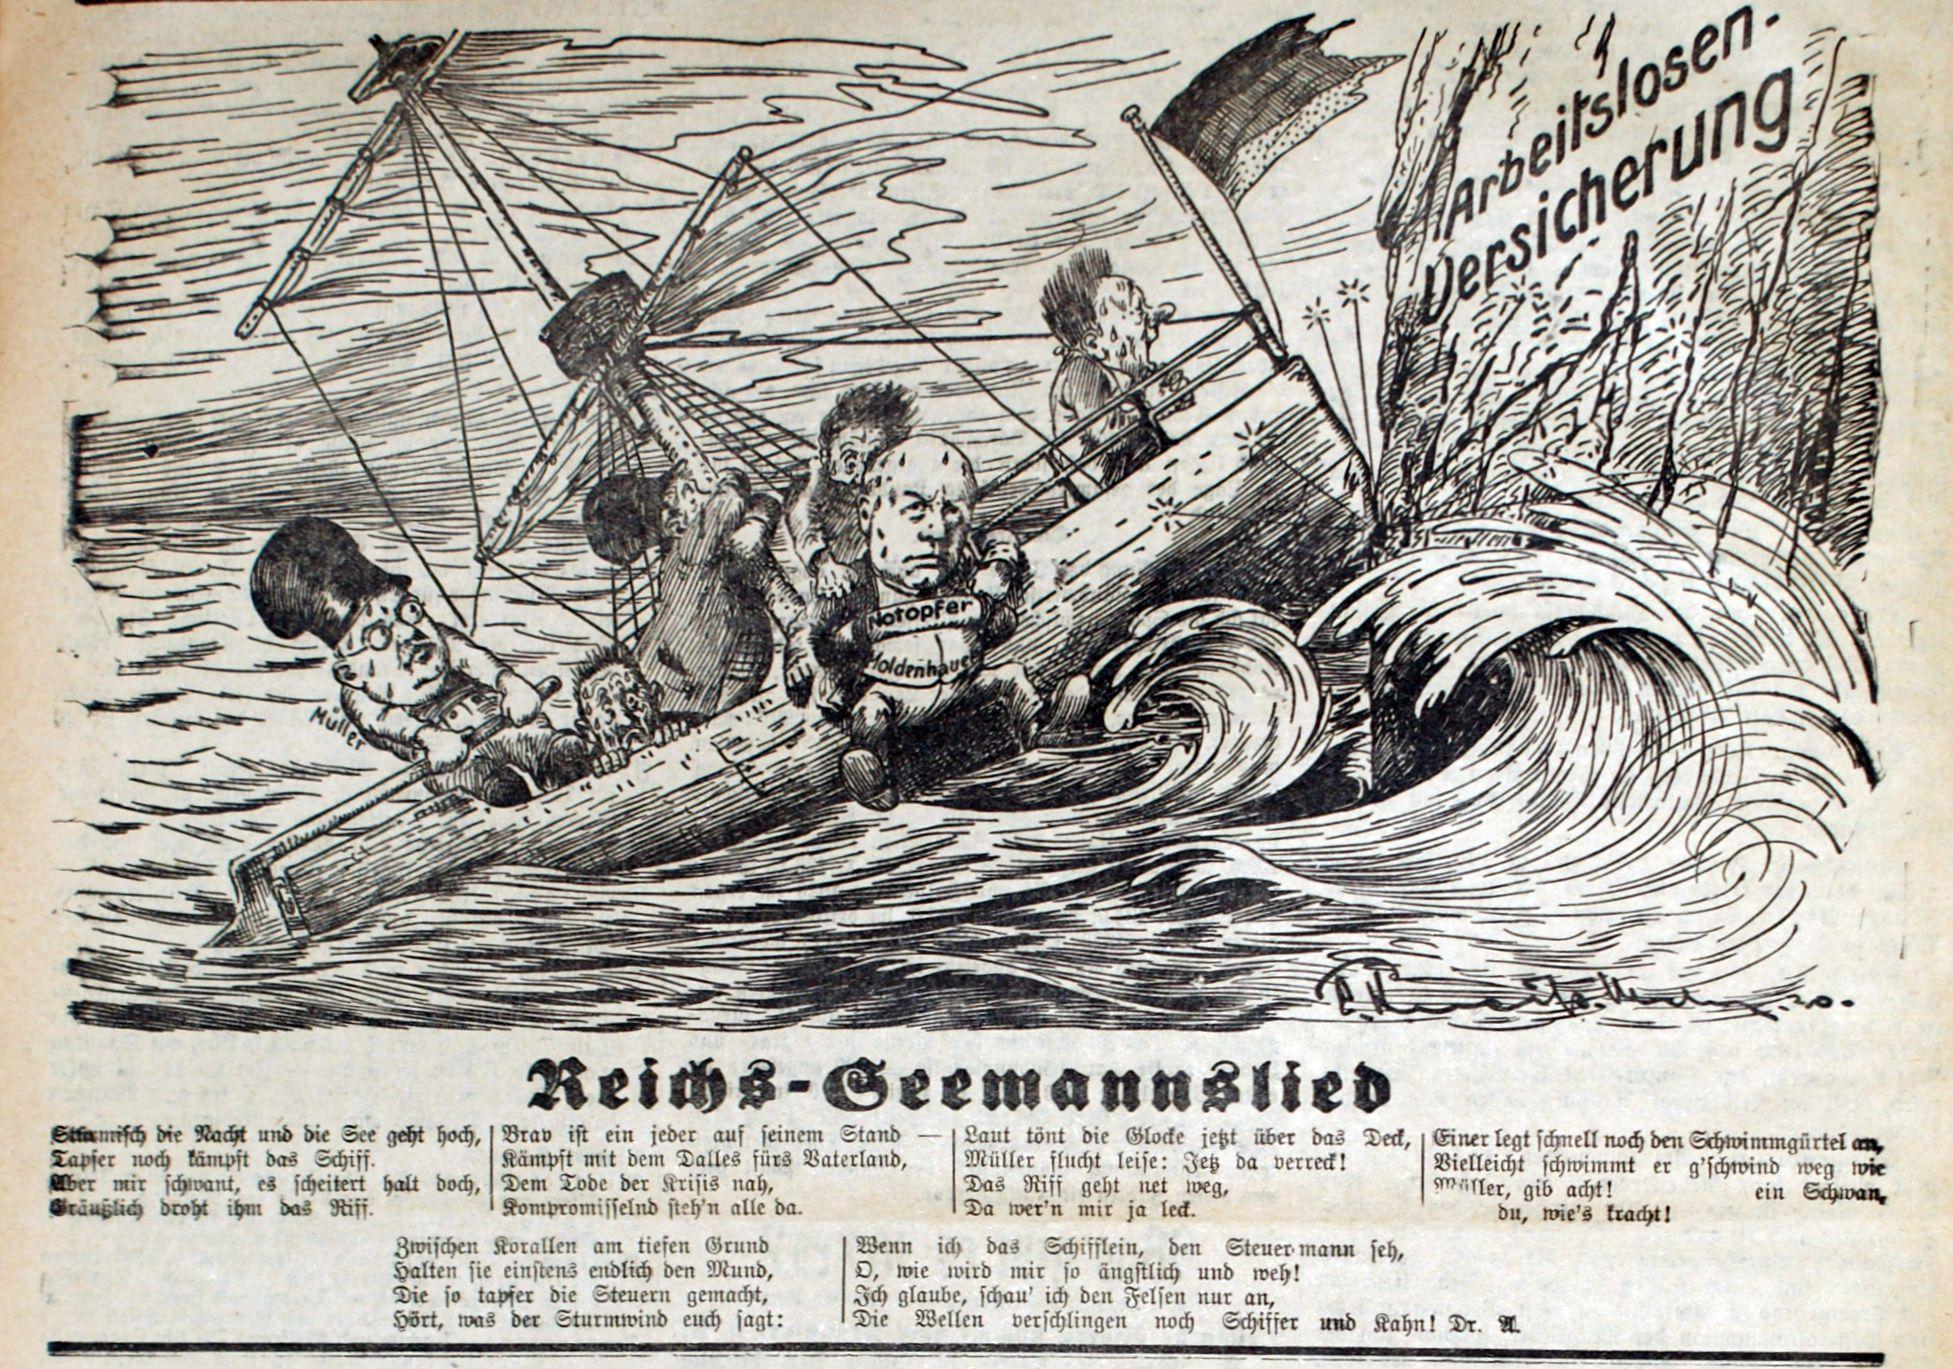 Bild: Reichs-Seemannslied (Das Reichs-Schiff zerschellt am Felsen der Arbeitslosenversicherung)